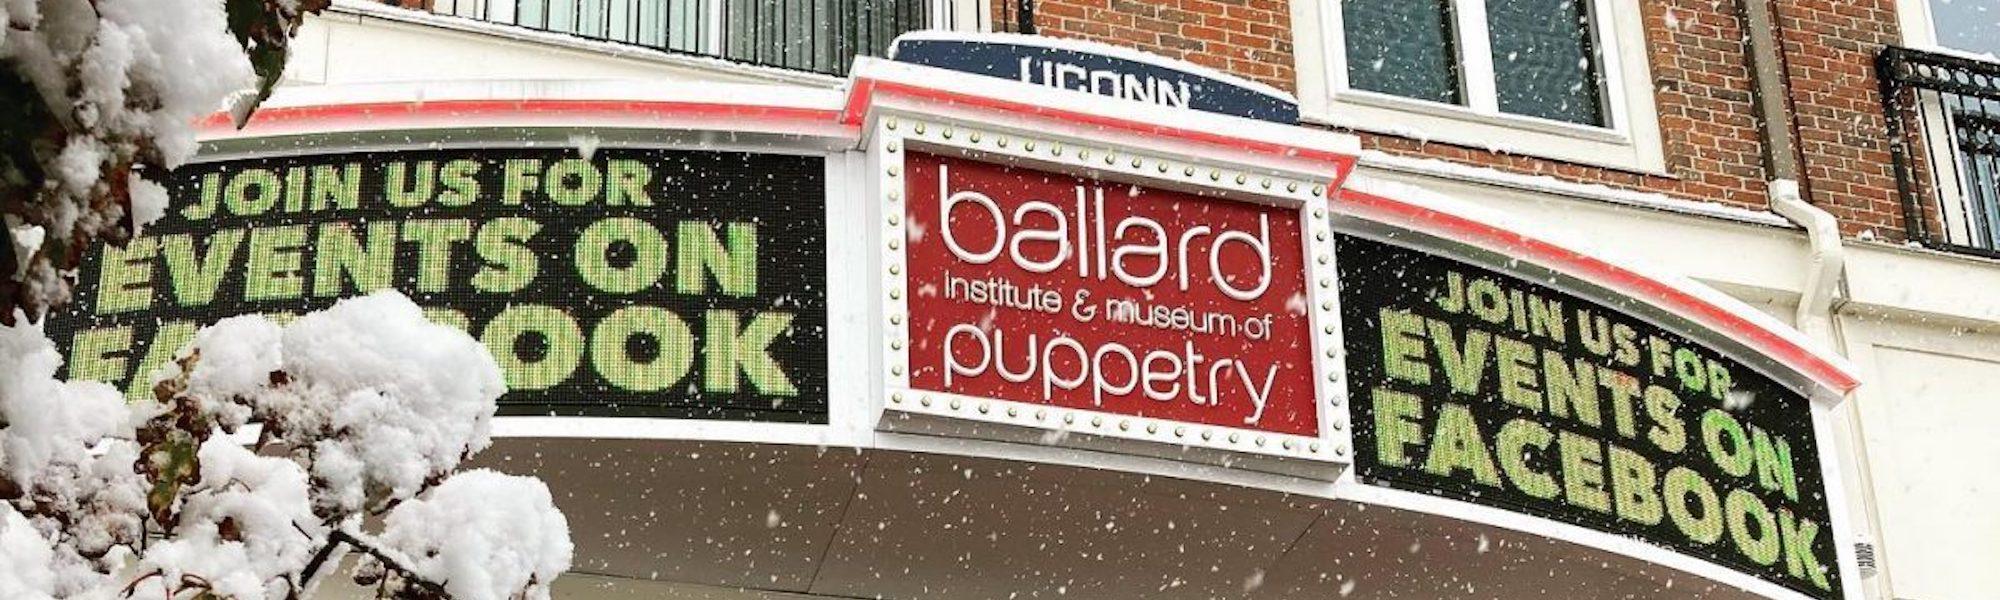 Snowy Ballard Institute marquee